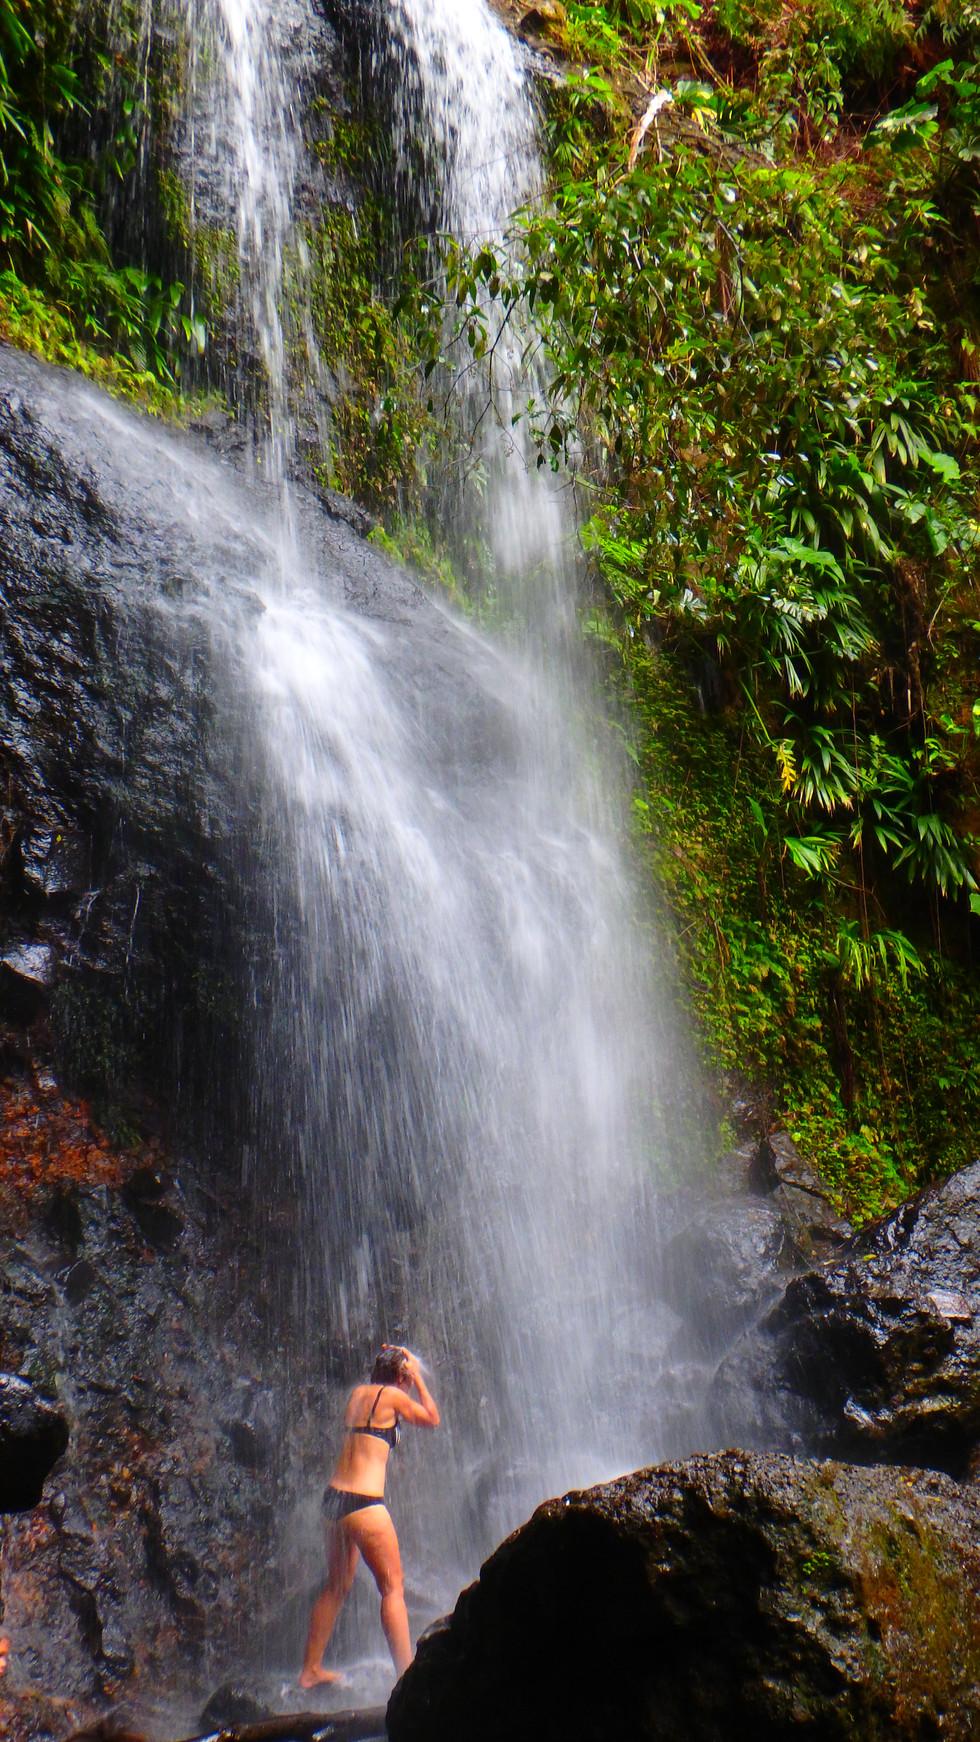 Guadeloupe waterfall, Guadeloupe cruise.